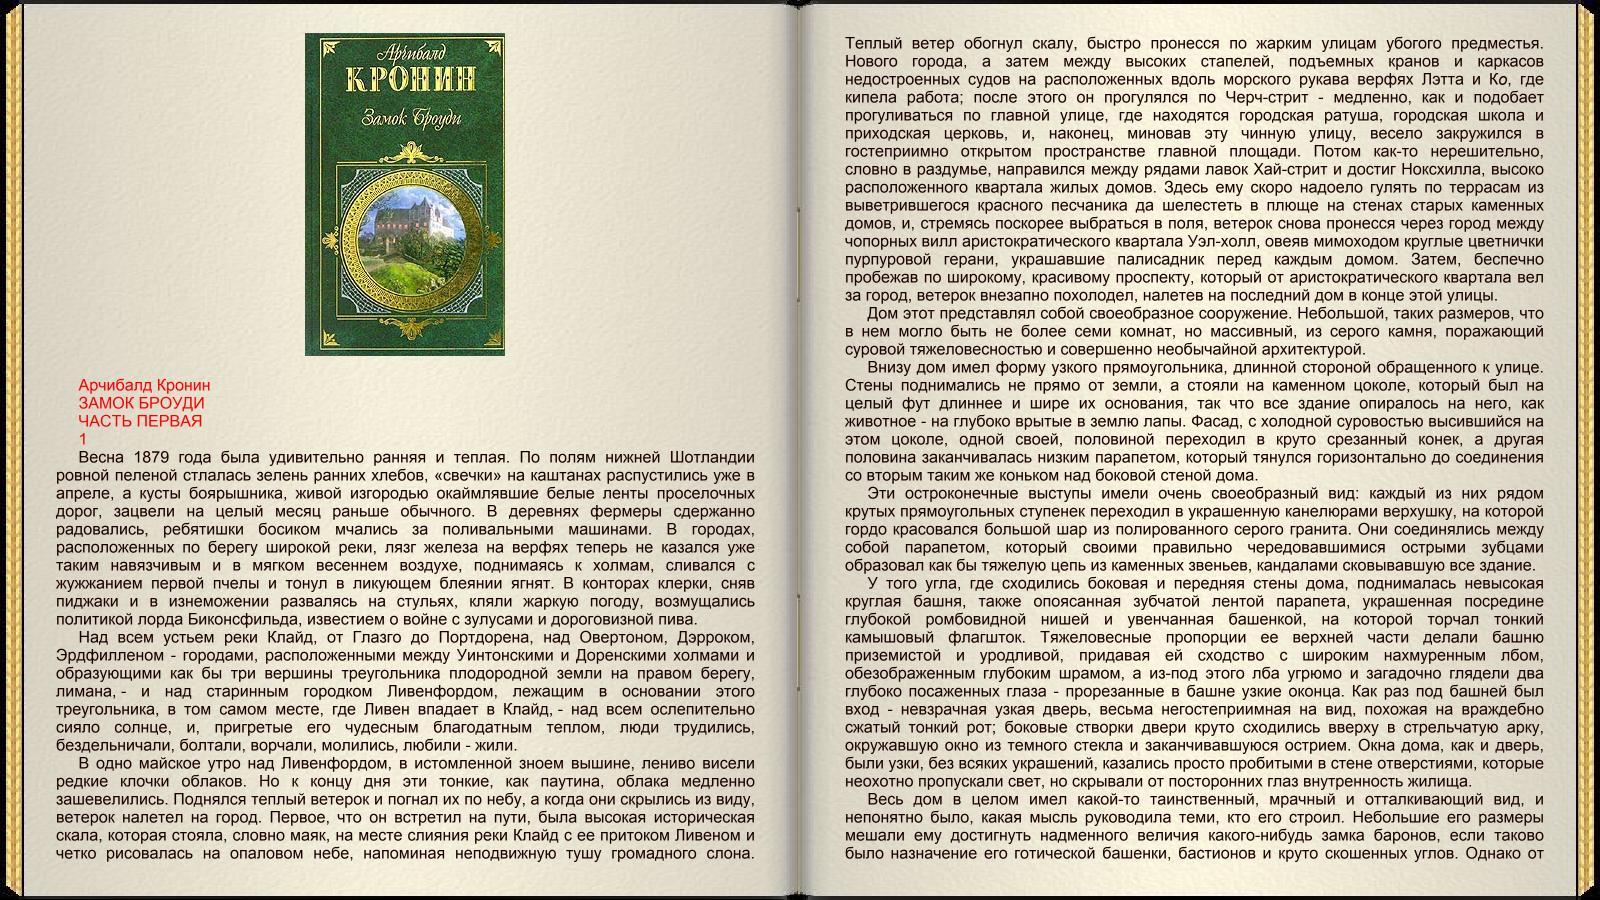 http://i4.imageban.ru/out/2016/01/26/bb21a5fb903c1b1af24fcabc5e76b165.jpg